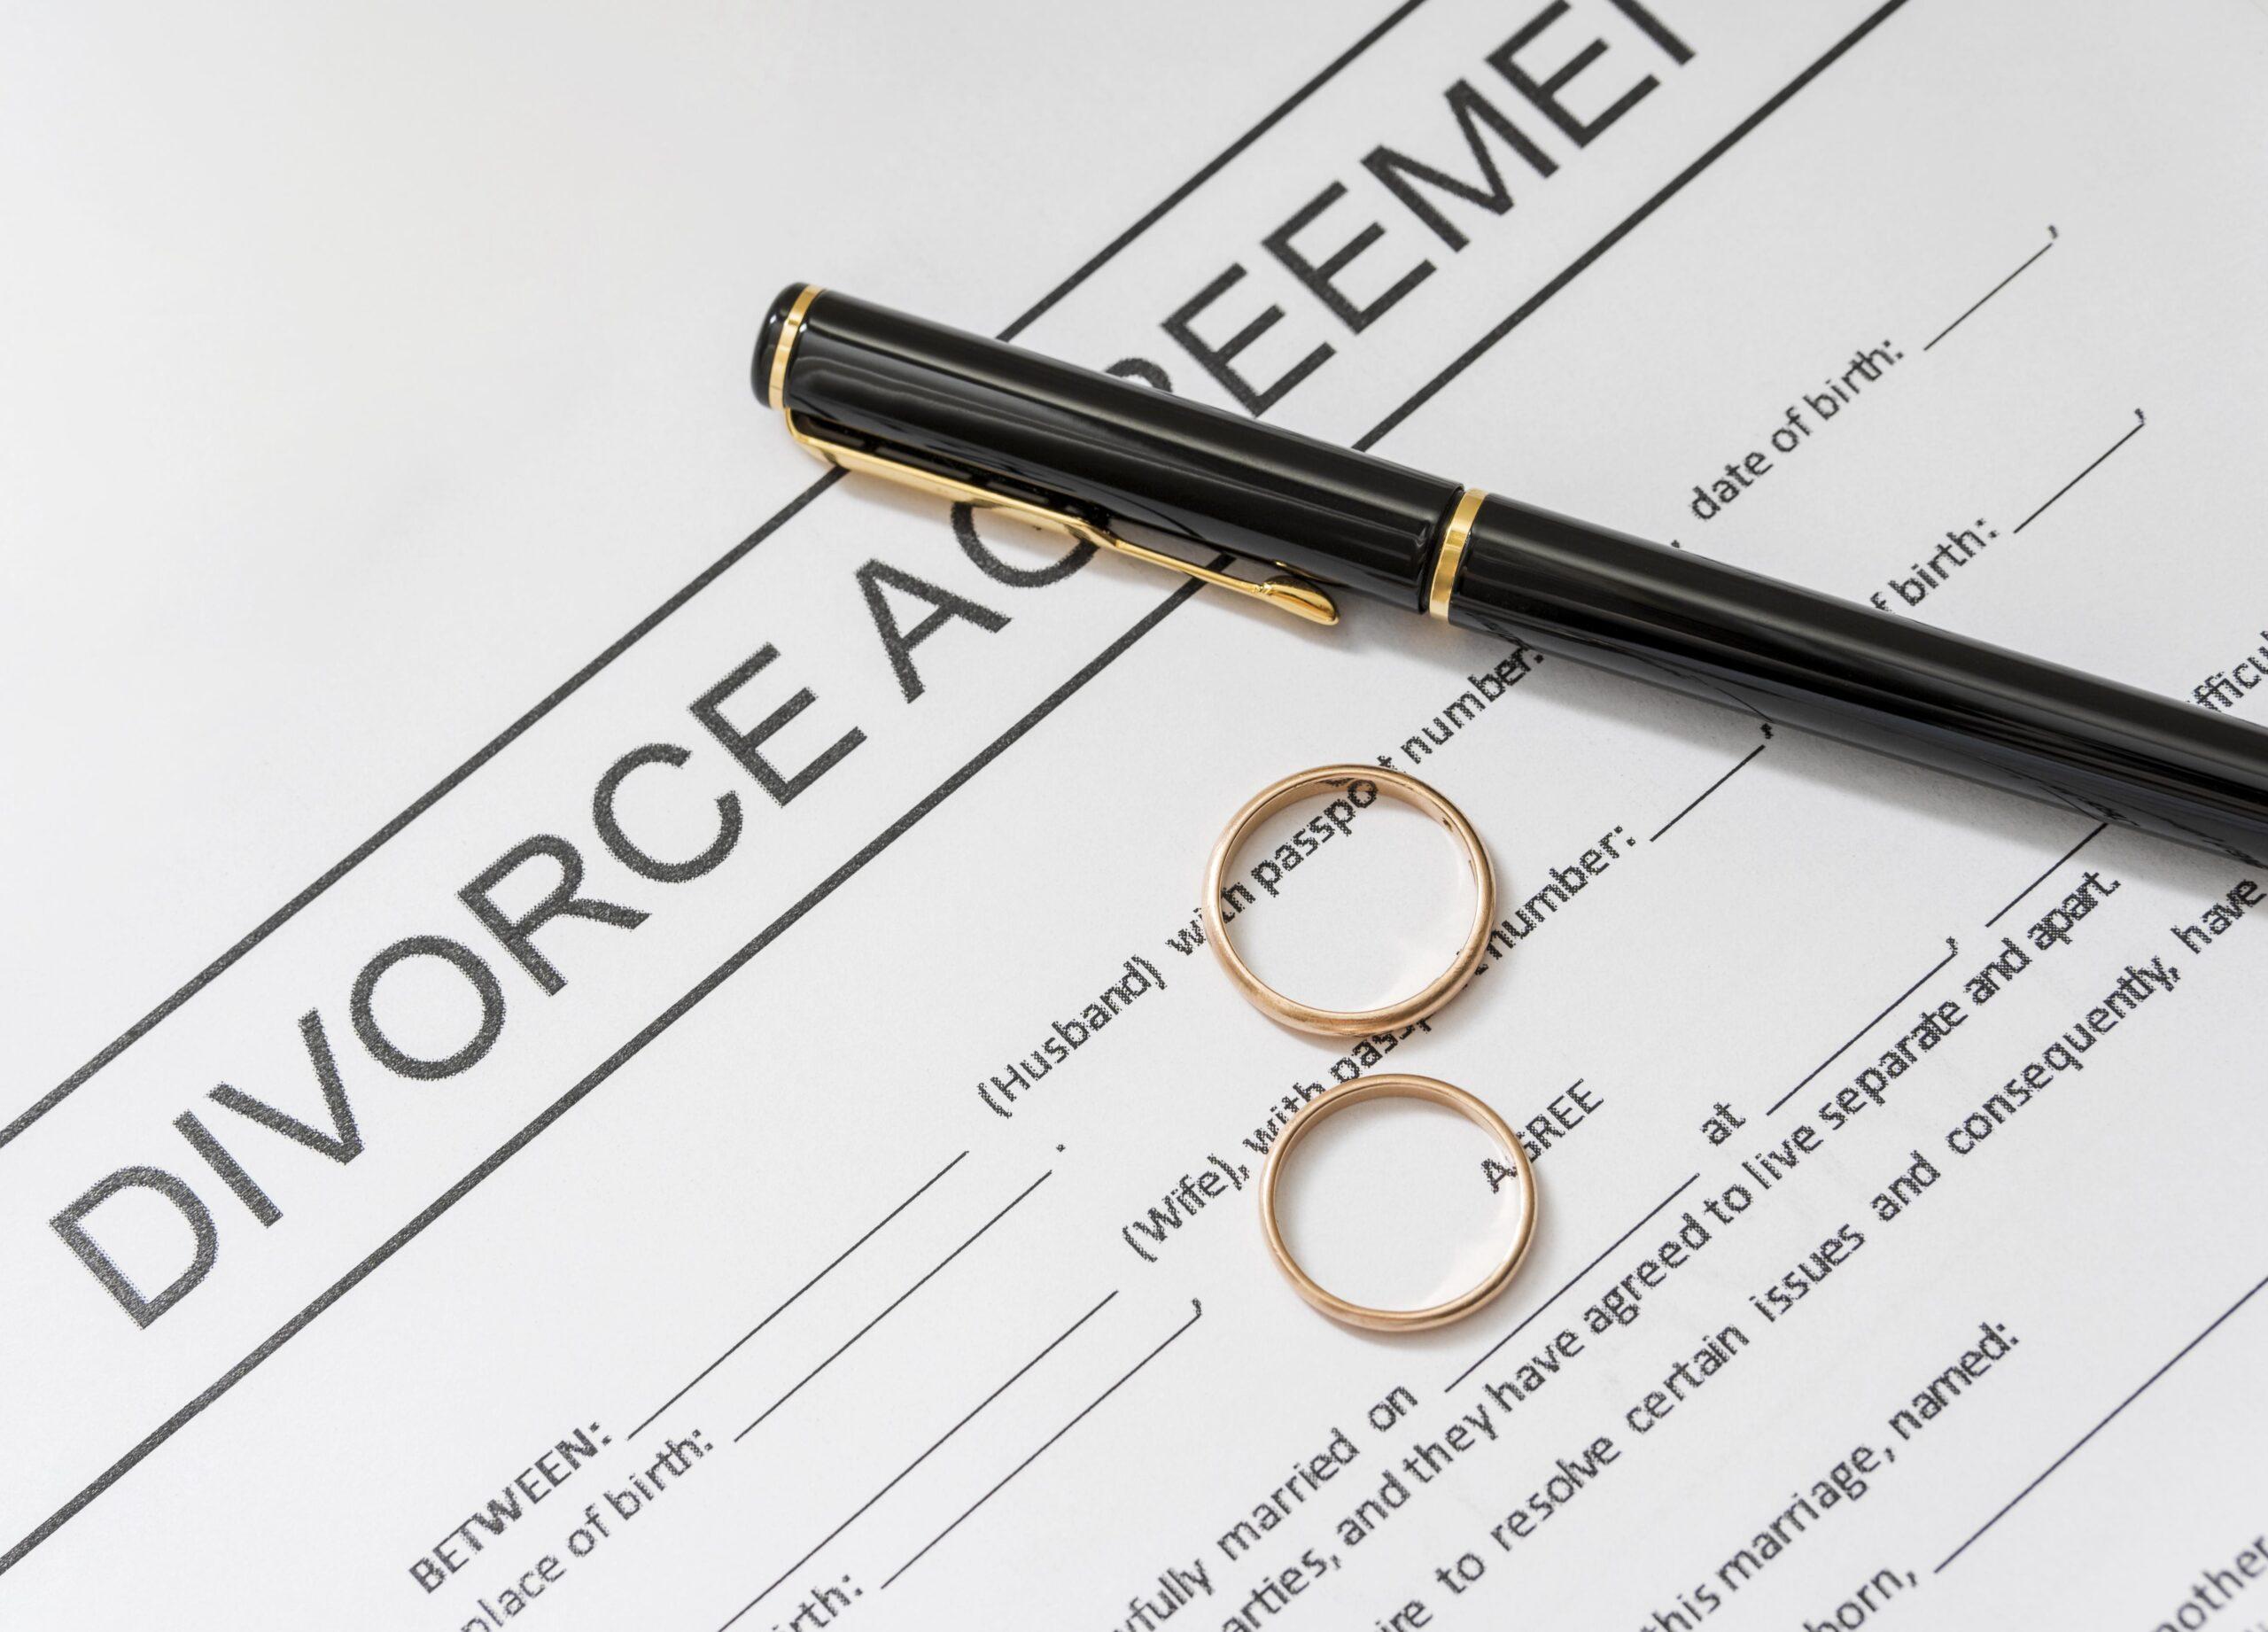 Як подати заяву на розлучення в односторонньому порядку?